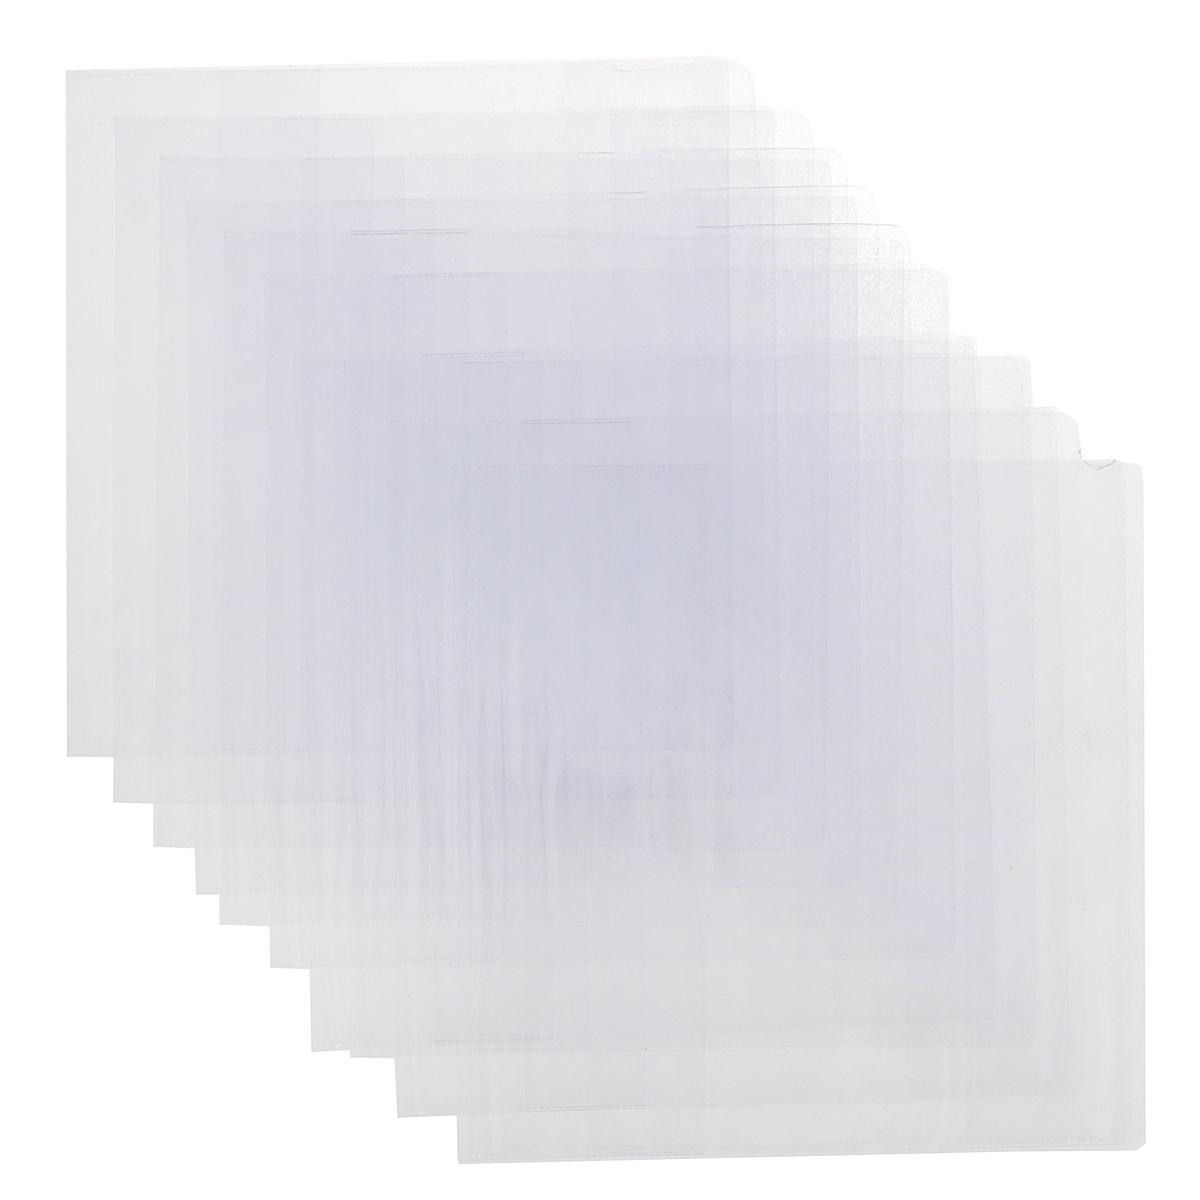 Набор обложек для учебников Брупак, цвет: прозрачный, 23 см х 46,5 см, 10 шт72523WDНабор цветных обложек для учебников Брупак предназначены для защиты книг от пыли, грязи и механических повреждений. Обложки с прозрачными клапанами.